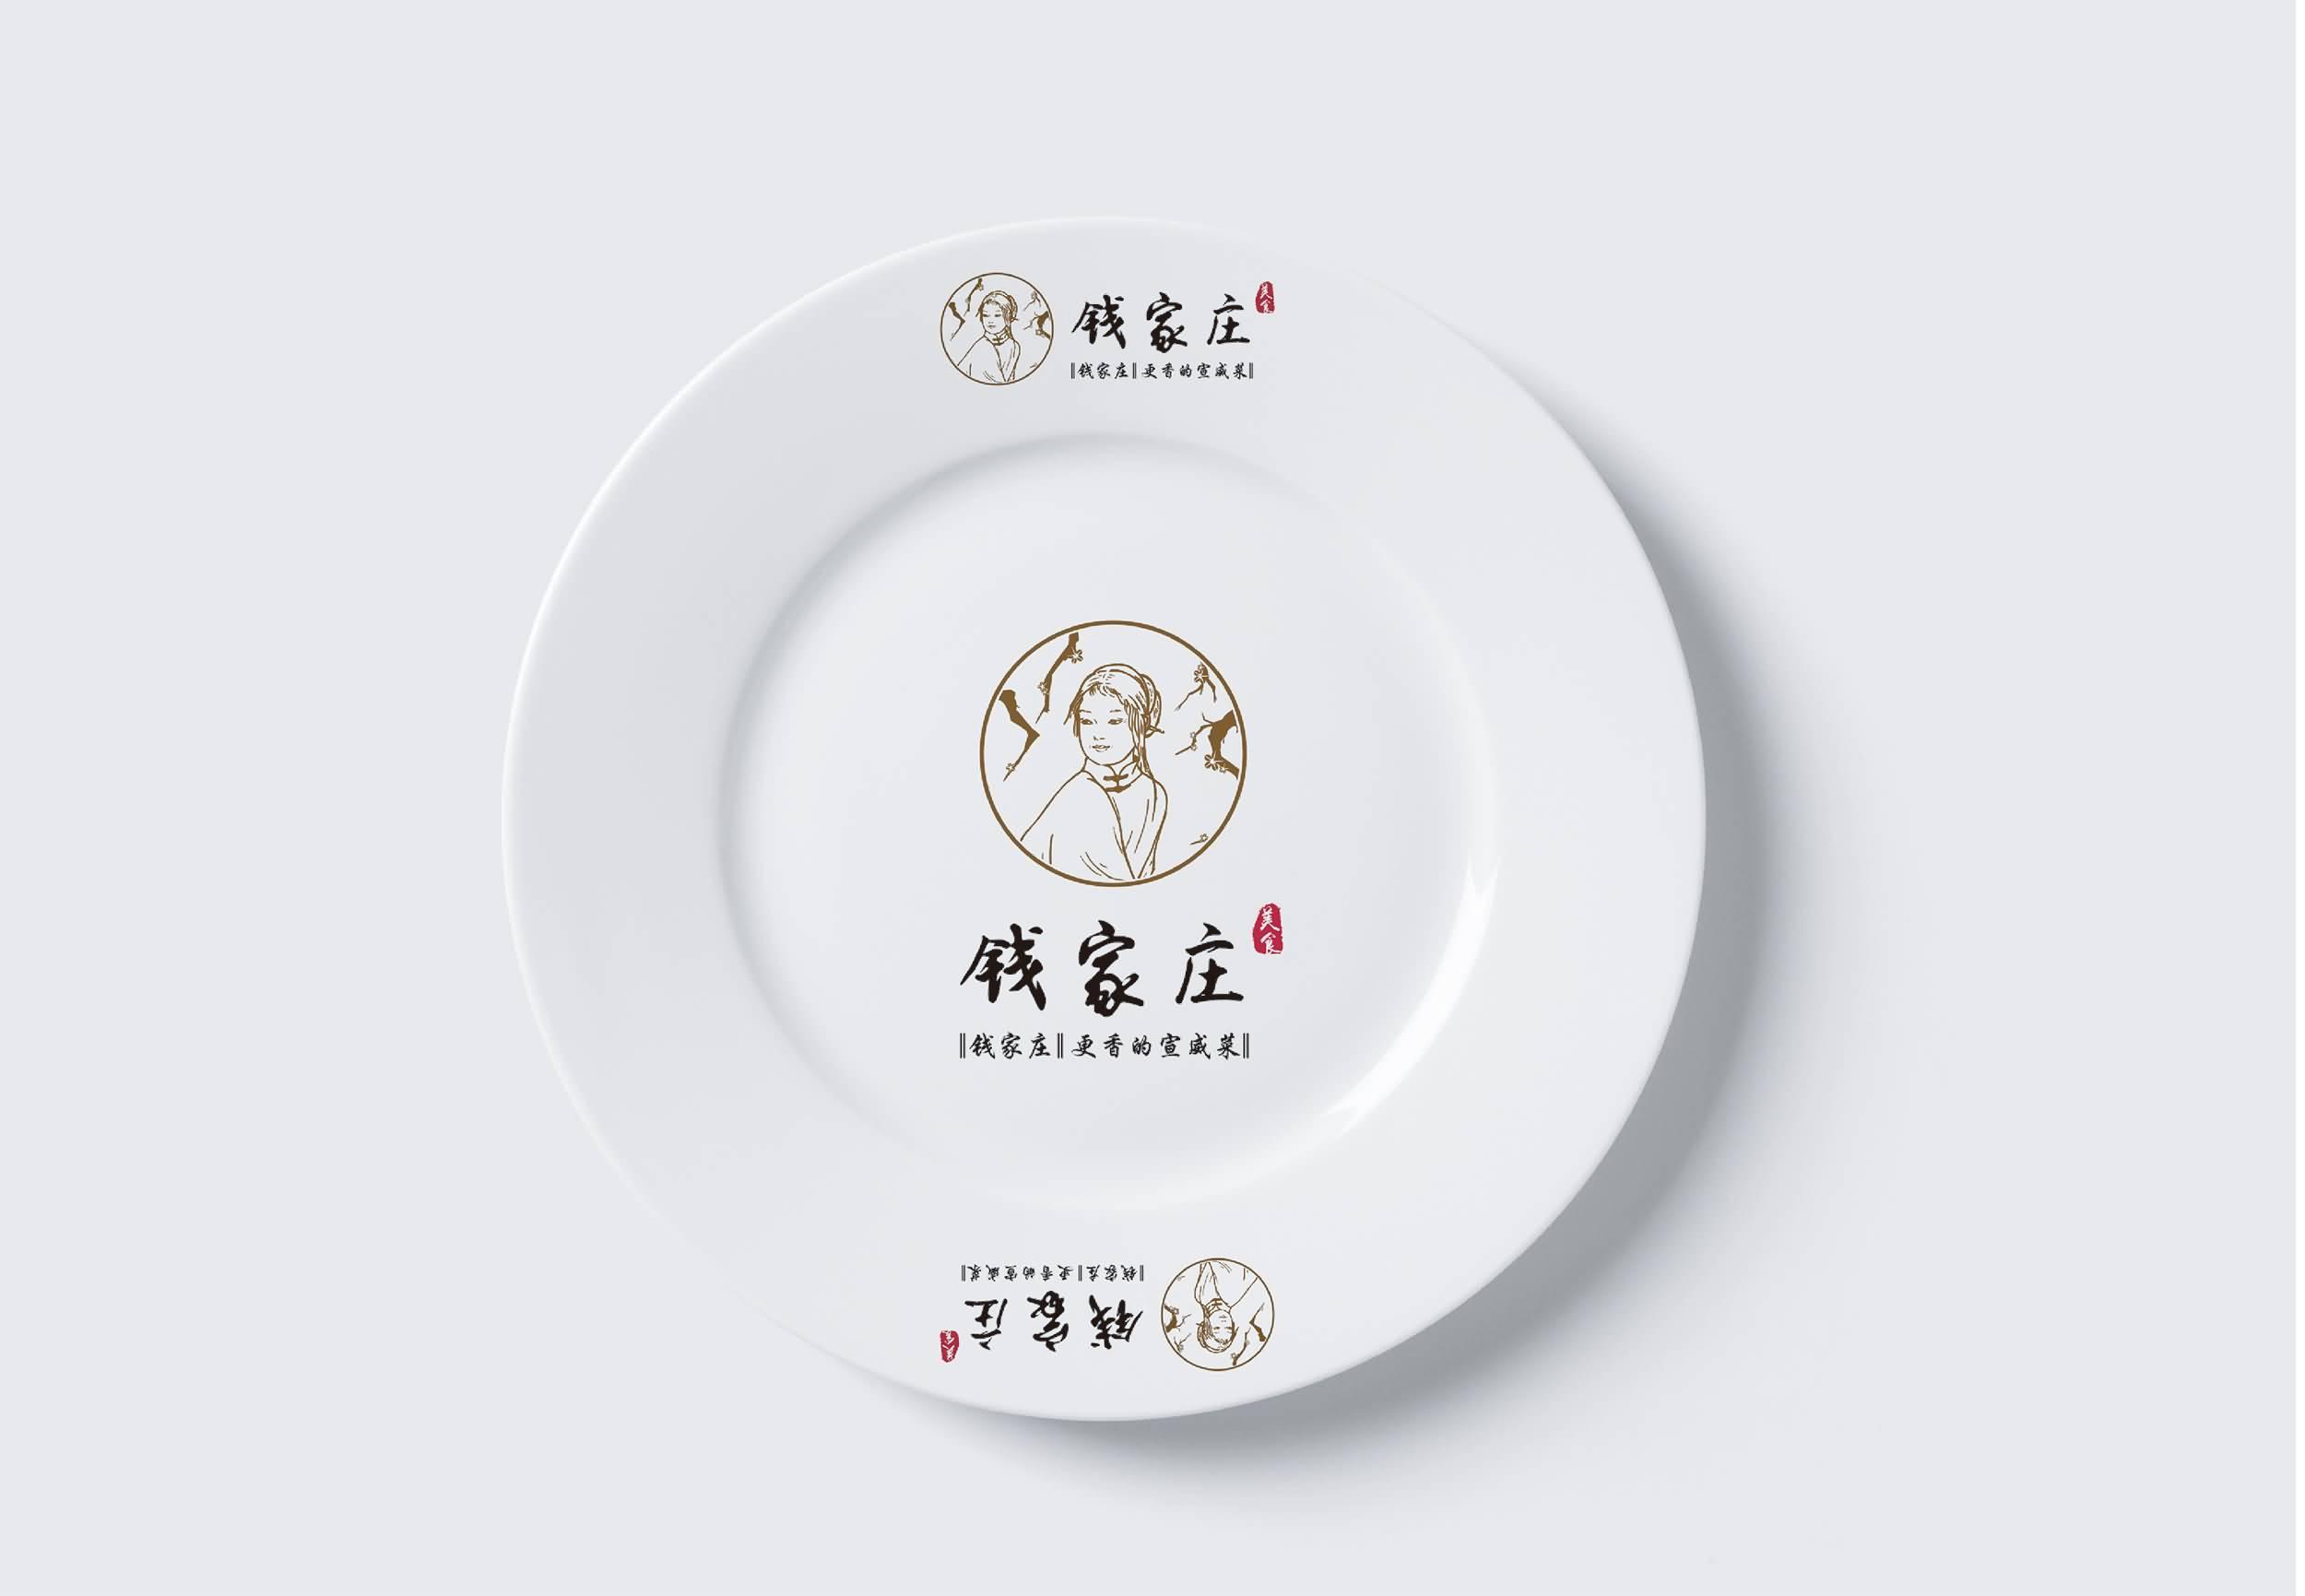 昆明市官渡区钱家庄饭店4